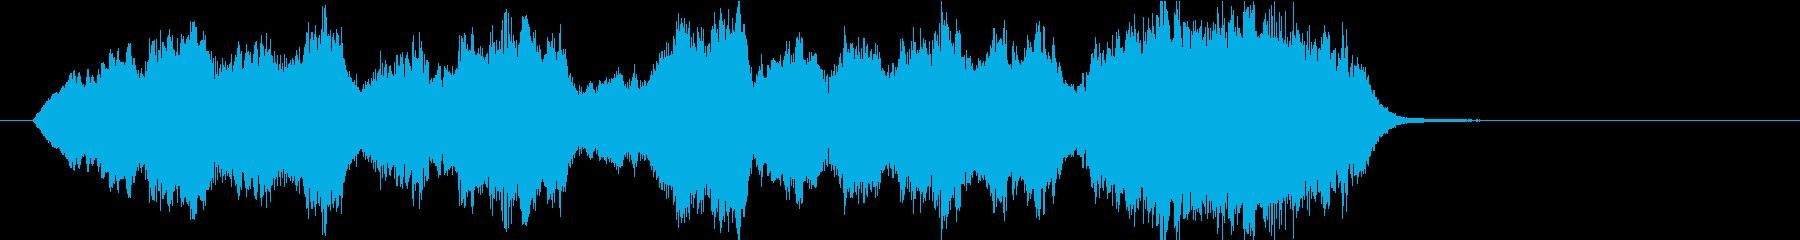 15秒CM向け 感動の弦楽四重奏の再生済みの波形